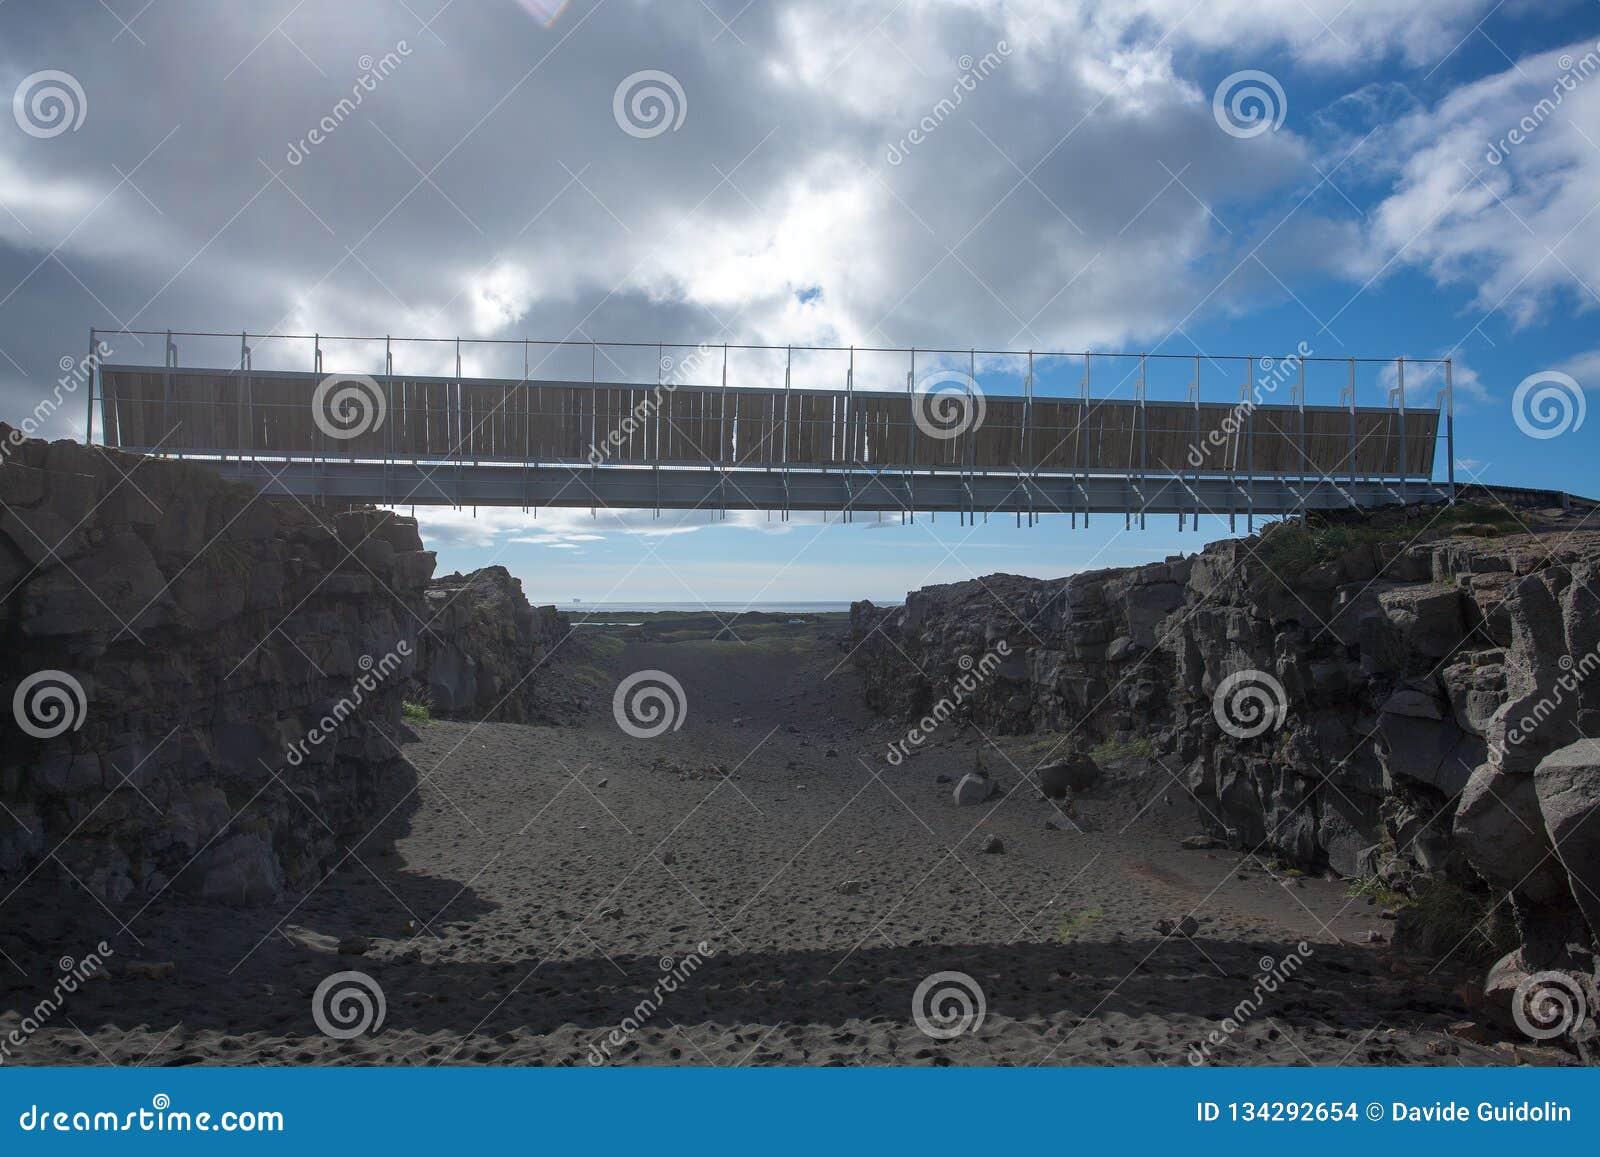 Brücke zwischen Ansicht von unten der Kontinente, Hafnir, Island